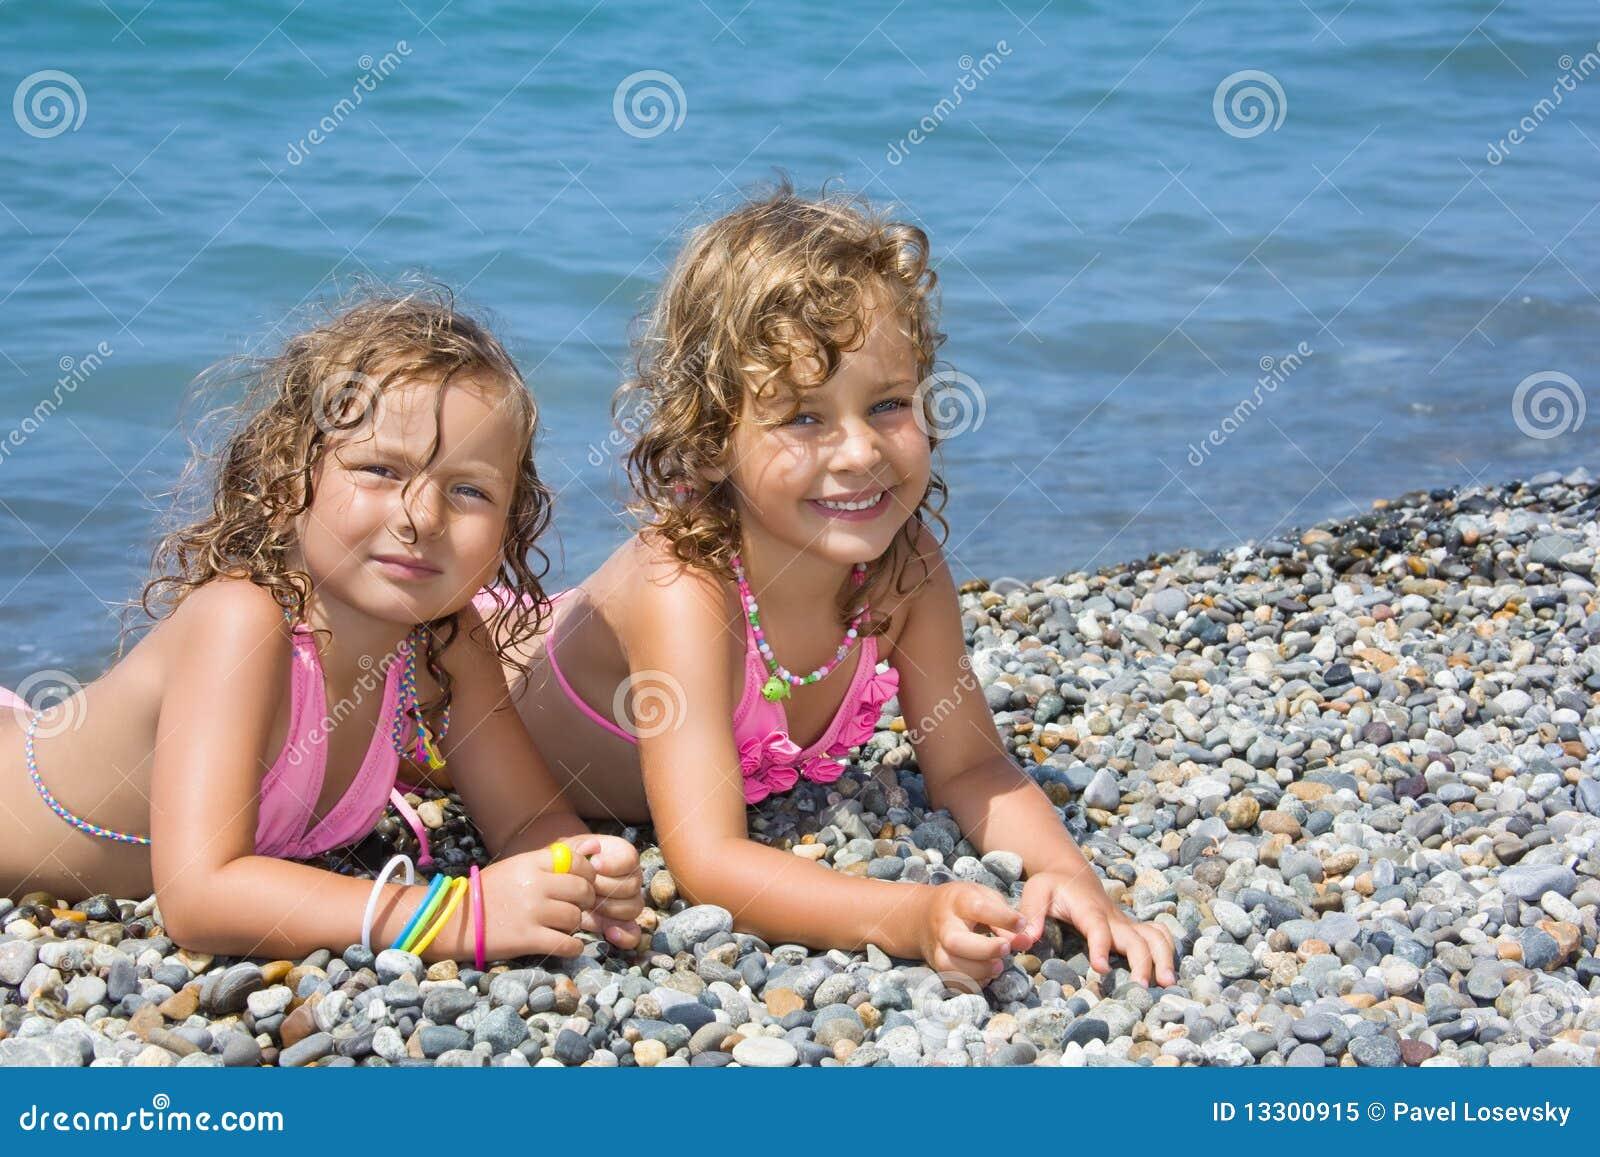 Zwei kleine m dchen die auf steinigem strand liegen lizenzfreies stockfoto bild 13300915 - Kleine teen indelingen meisje ...